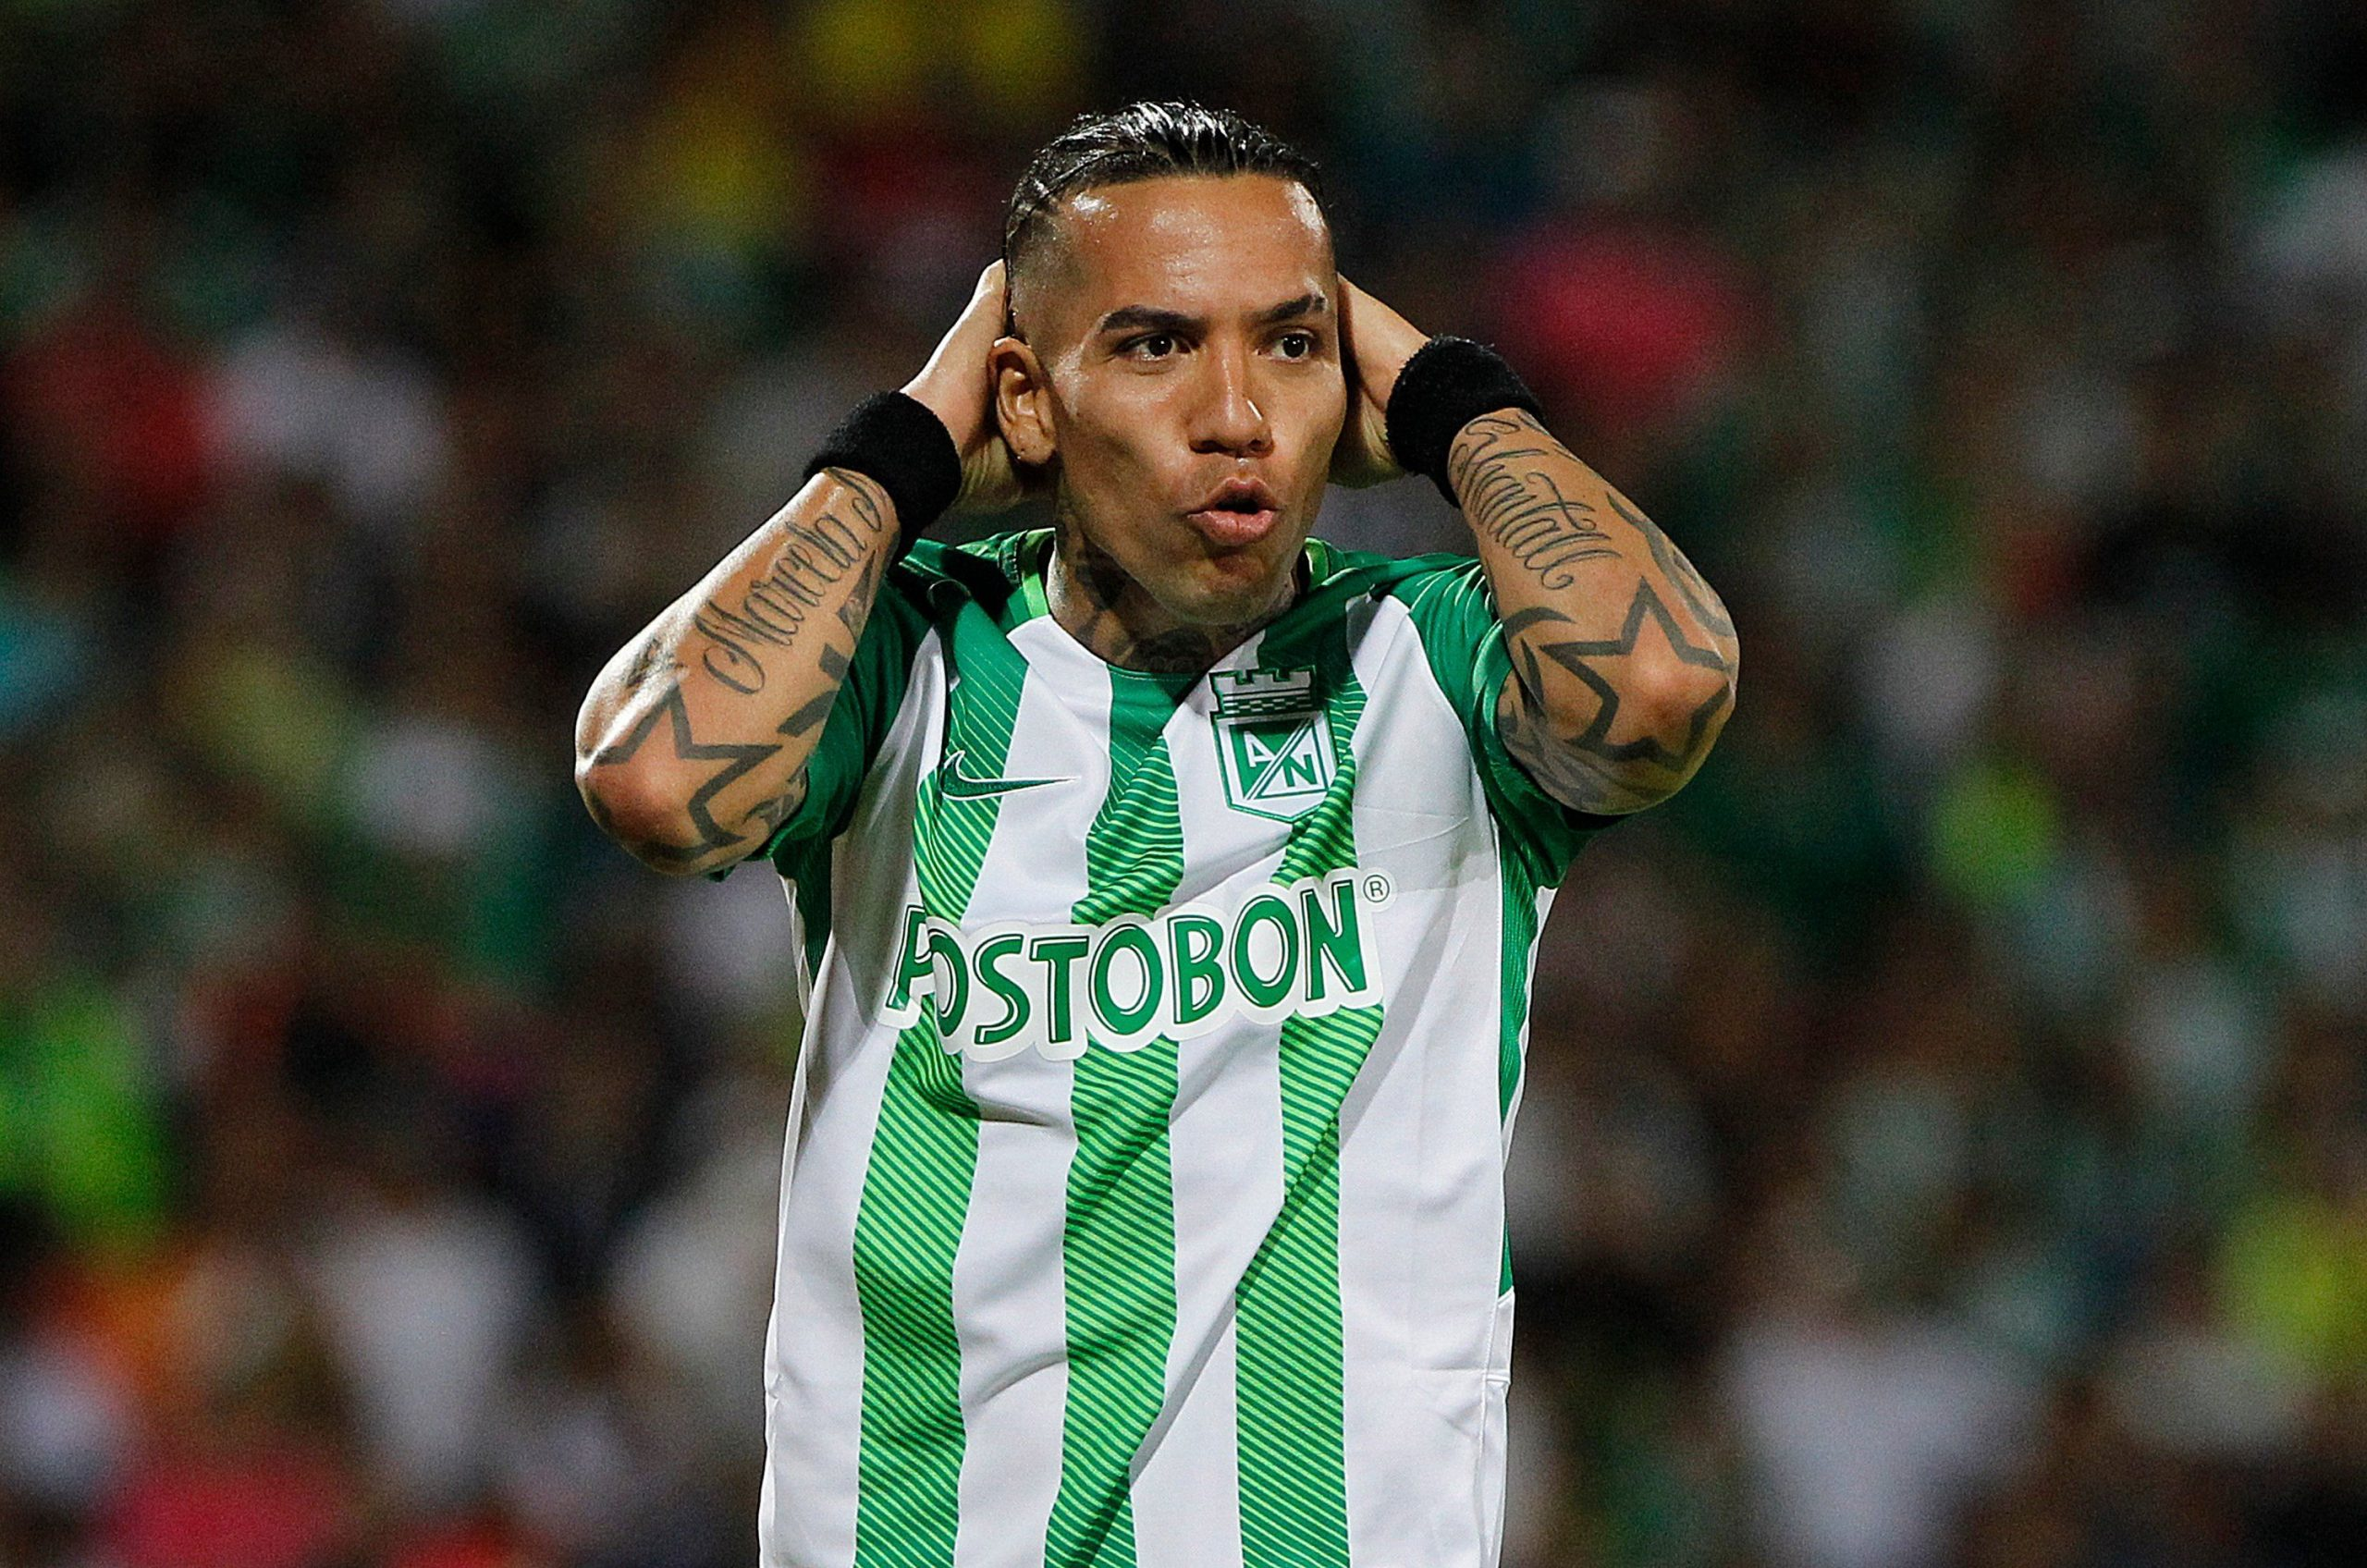 La razón por la que Dayro Moreno no ha llegado a Bolivia